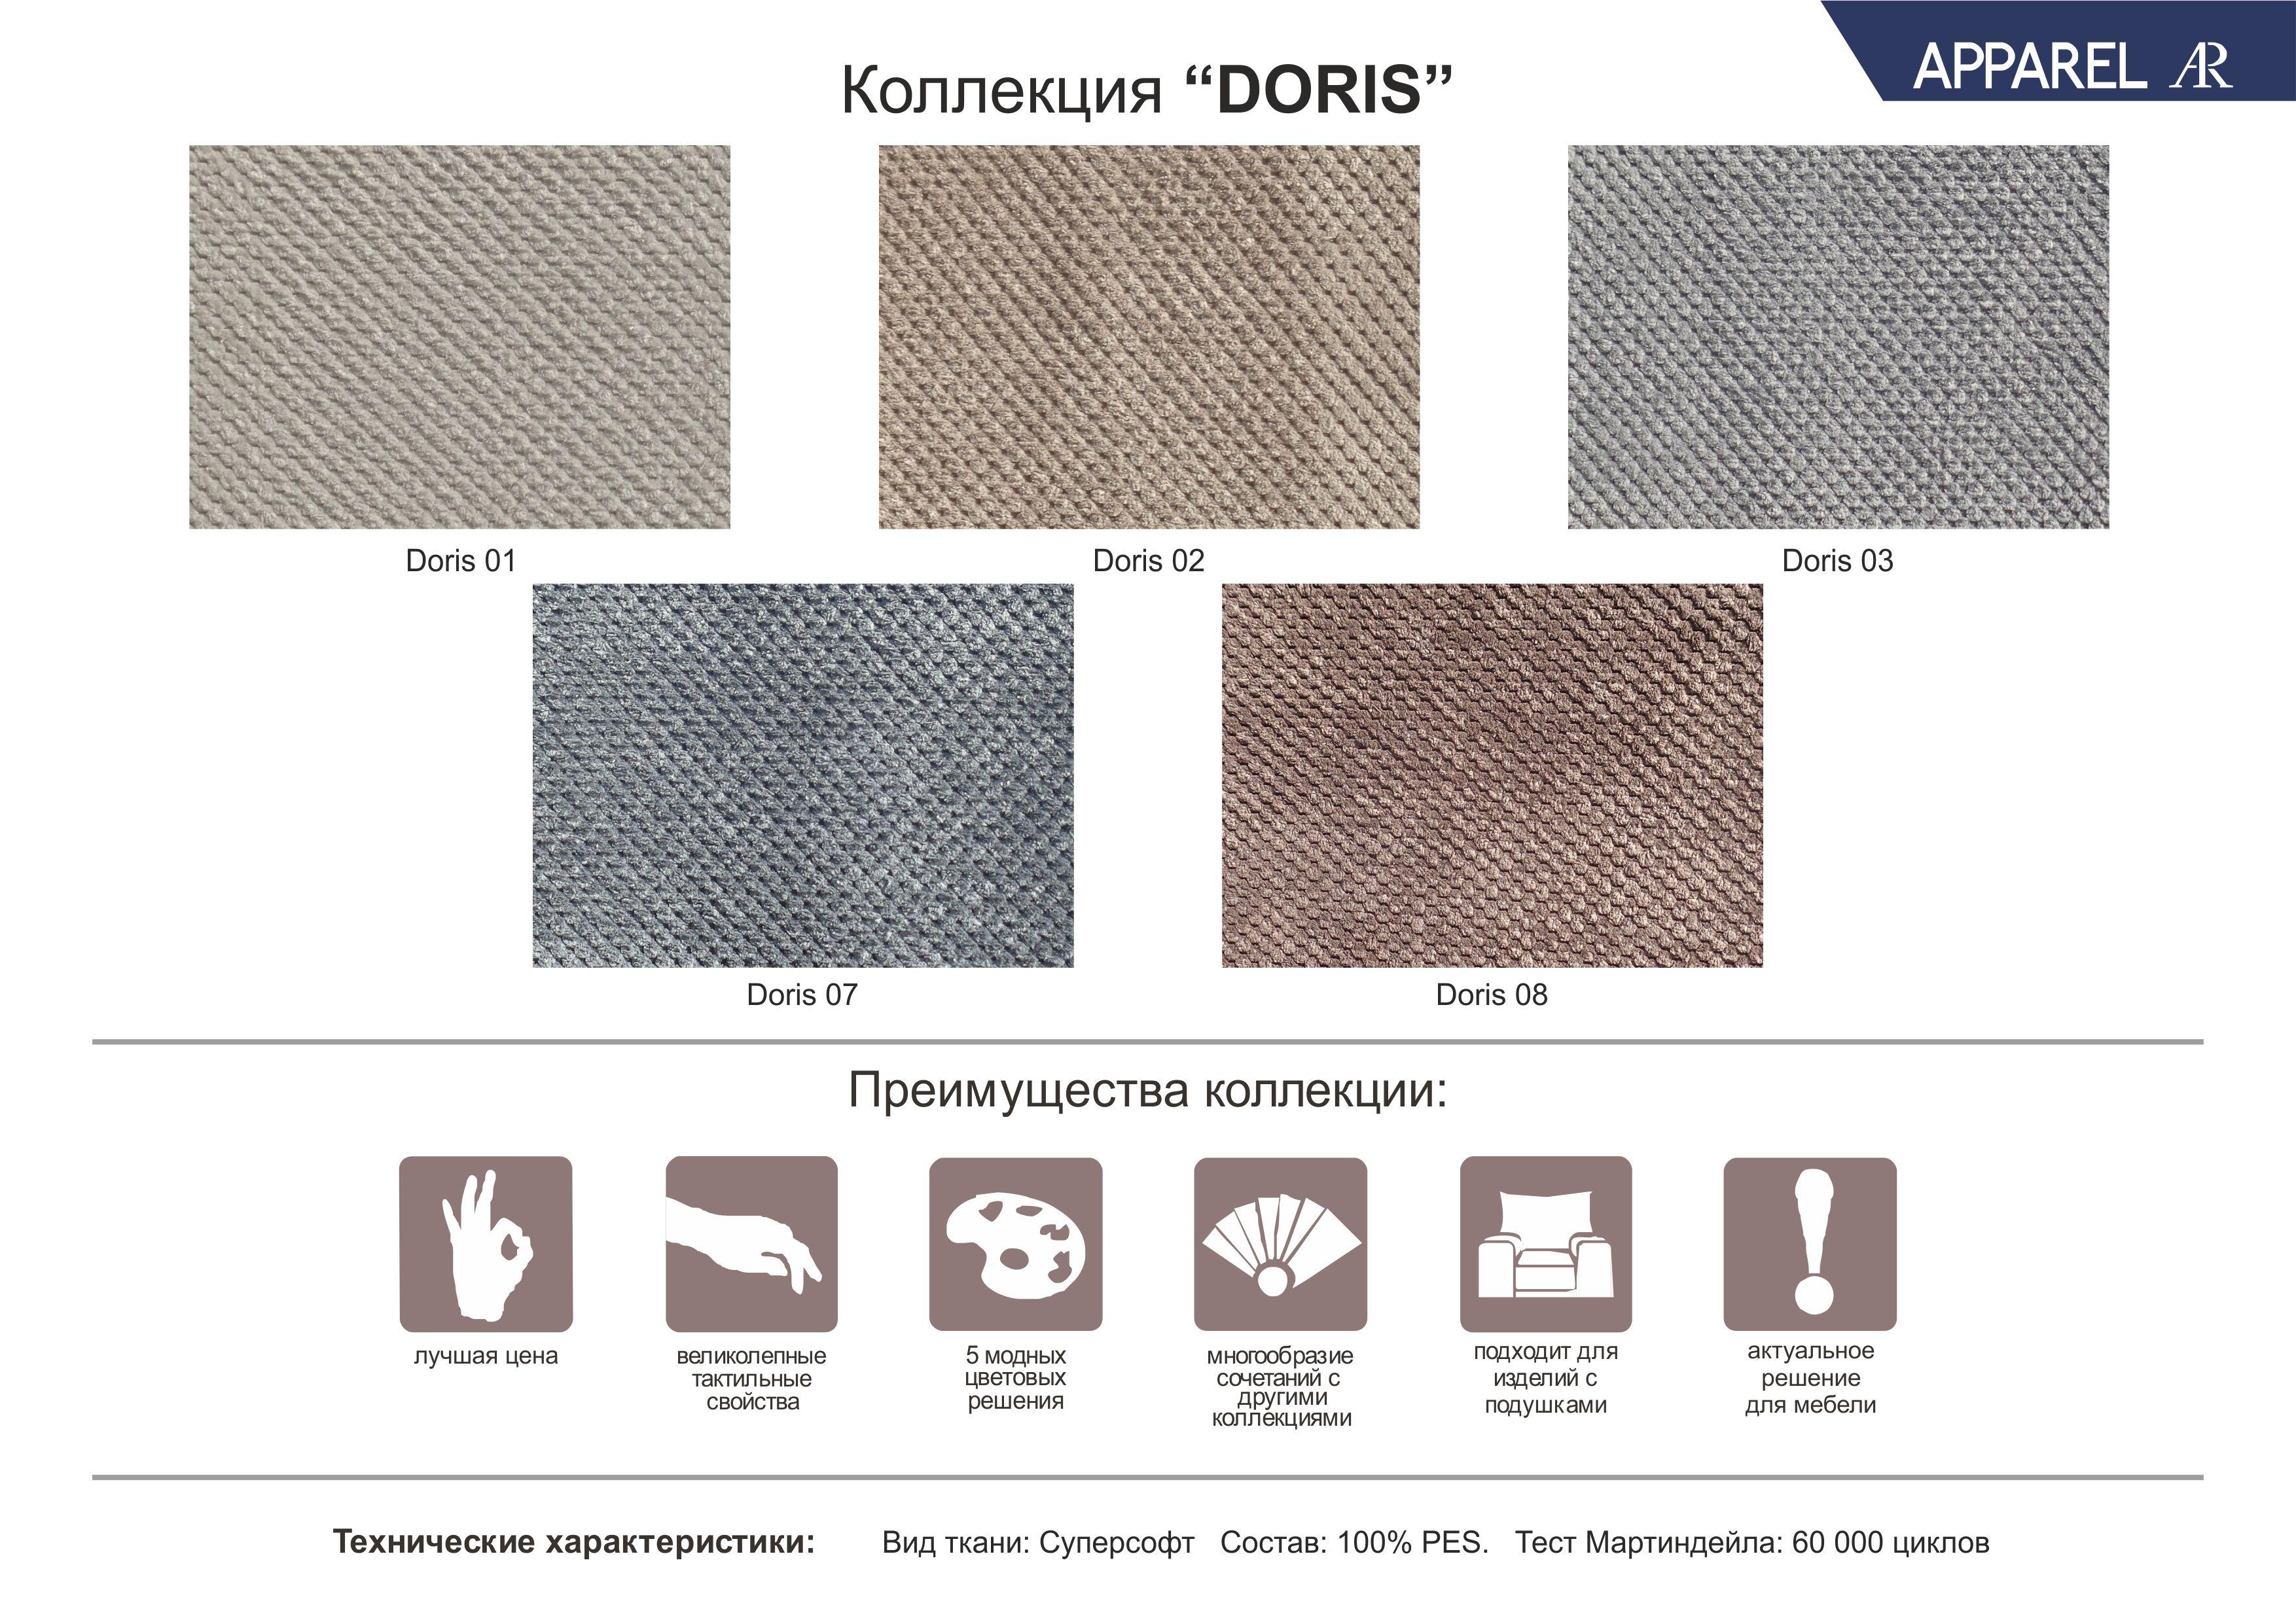 Картинки по запросу apparel doris